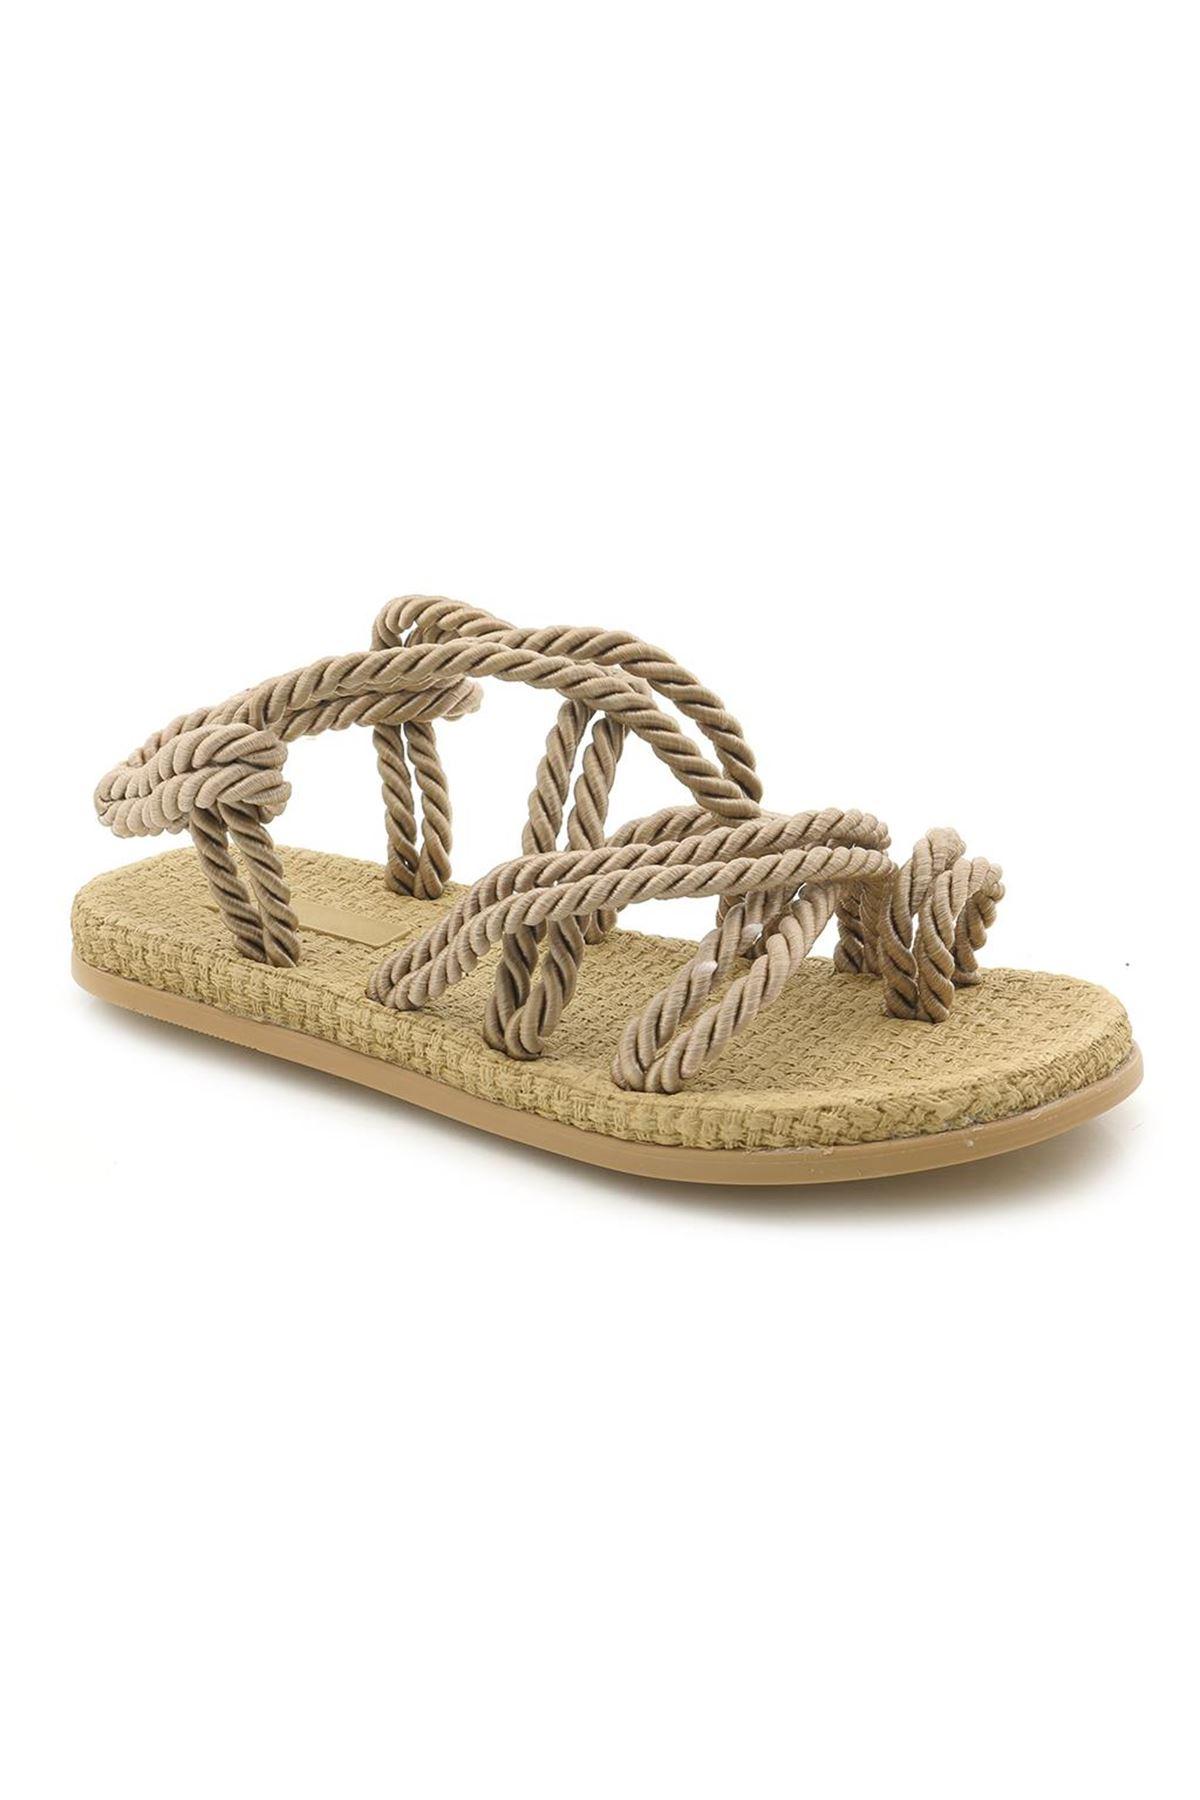 Halat Sandalet 0203 Yumuşak Tabanlı